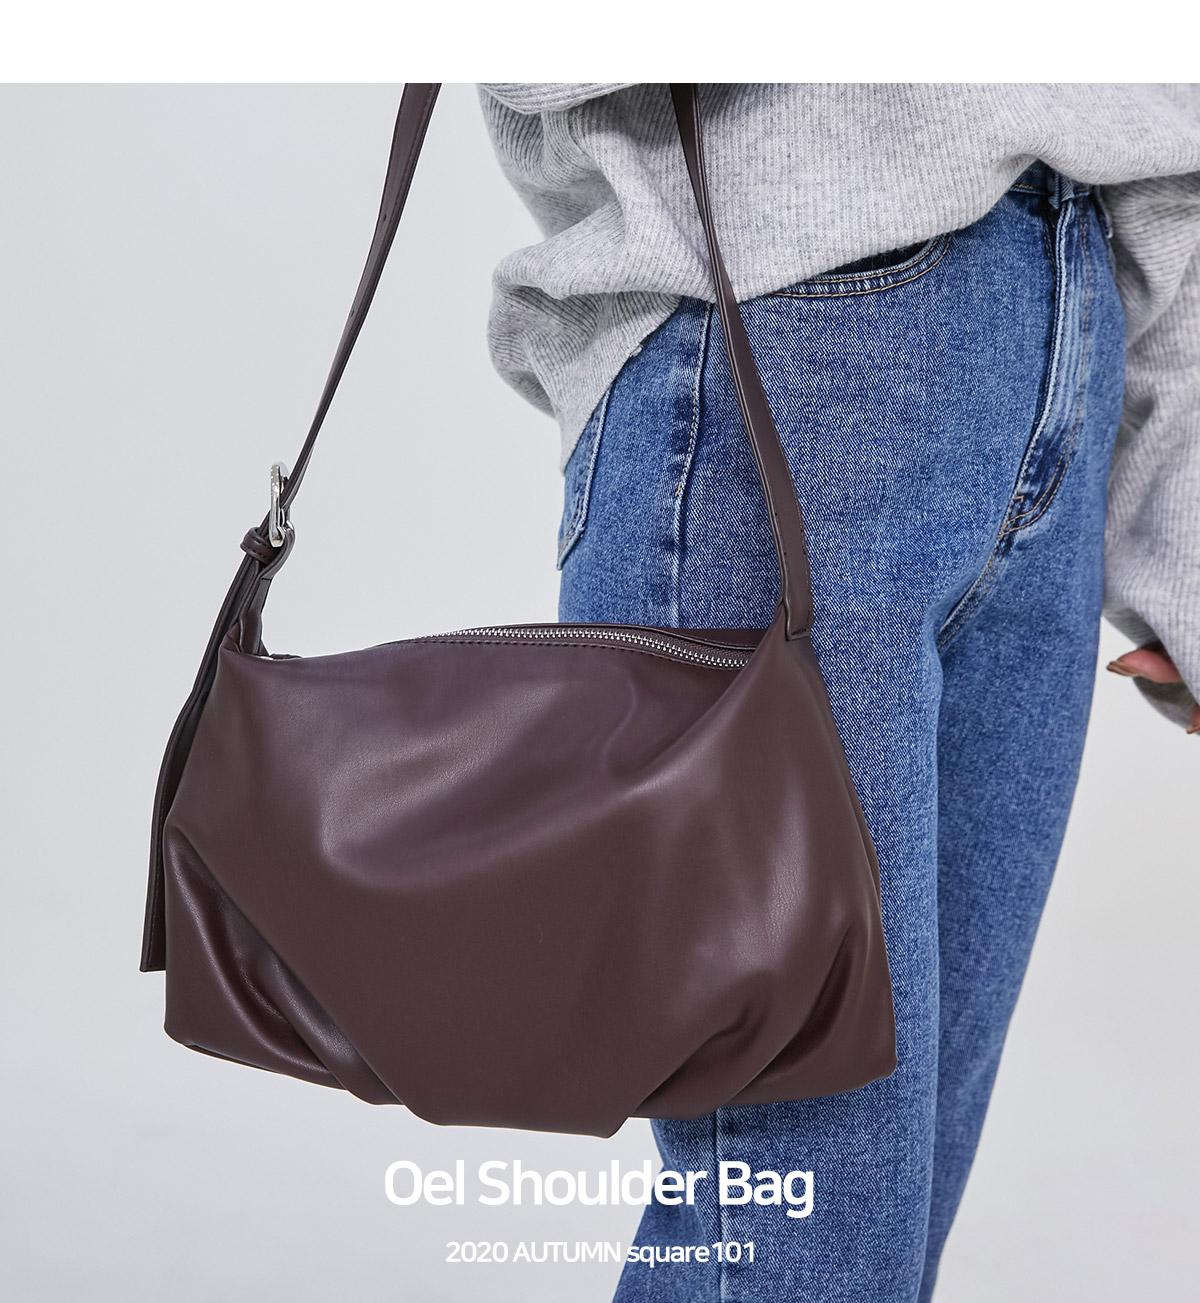 Oel shoulder bag